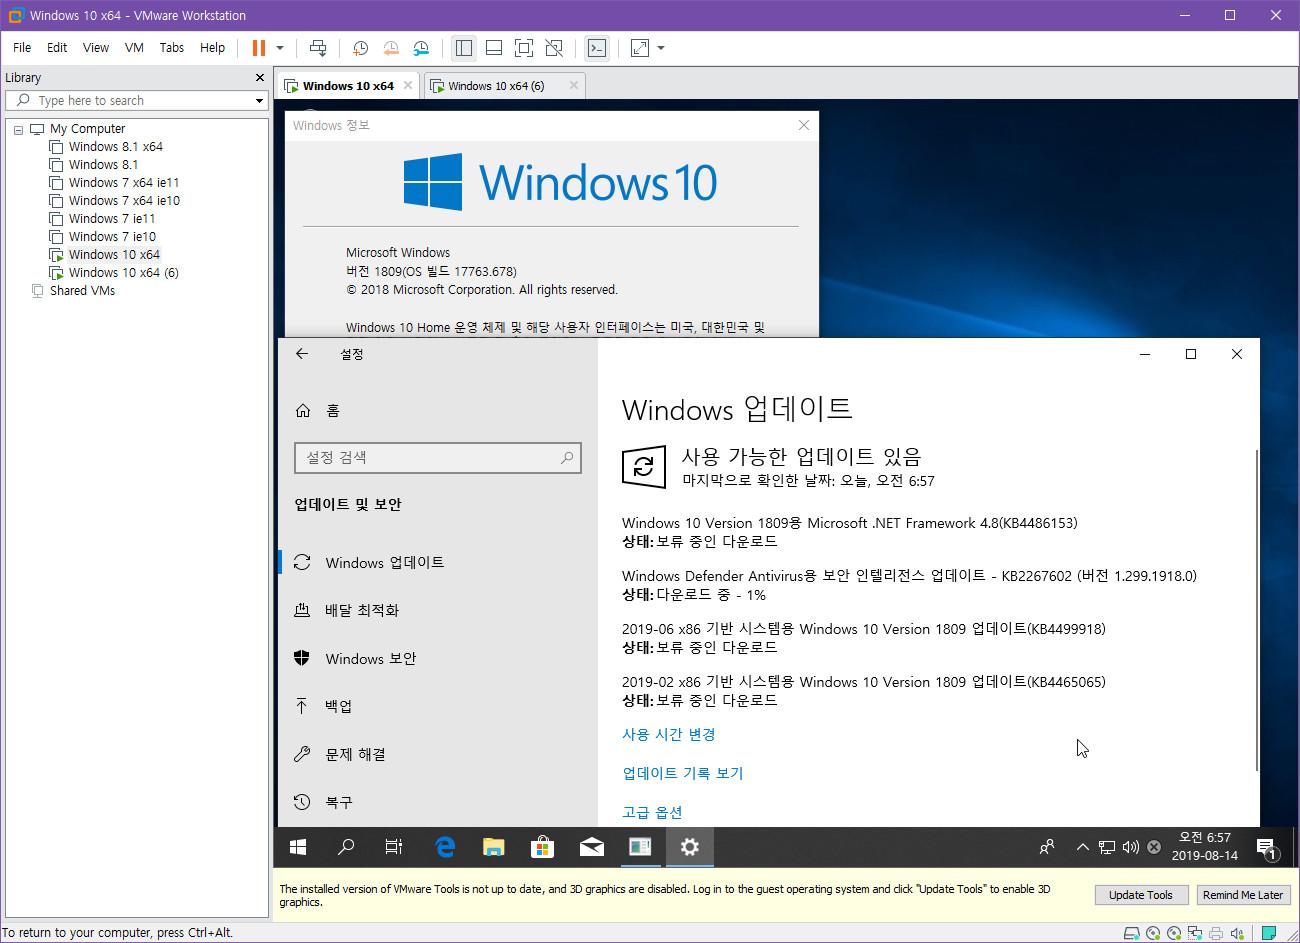 2019-08-14 정기 업데이트 나왔네요 - Windows 10 버전 1809 누적 업데이트 KB4511553 (OS 빌드 17763.678) [2019-08-13 일자] 통합중 입니다 - 닷넷 4.8 추가로 나오네요 2019-08-14_065744.jpg